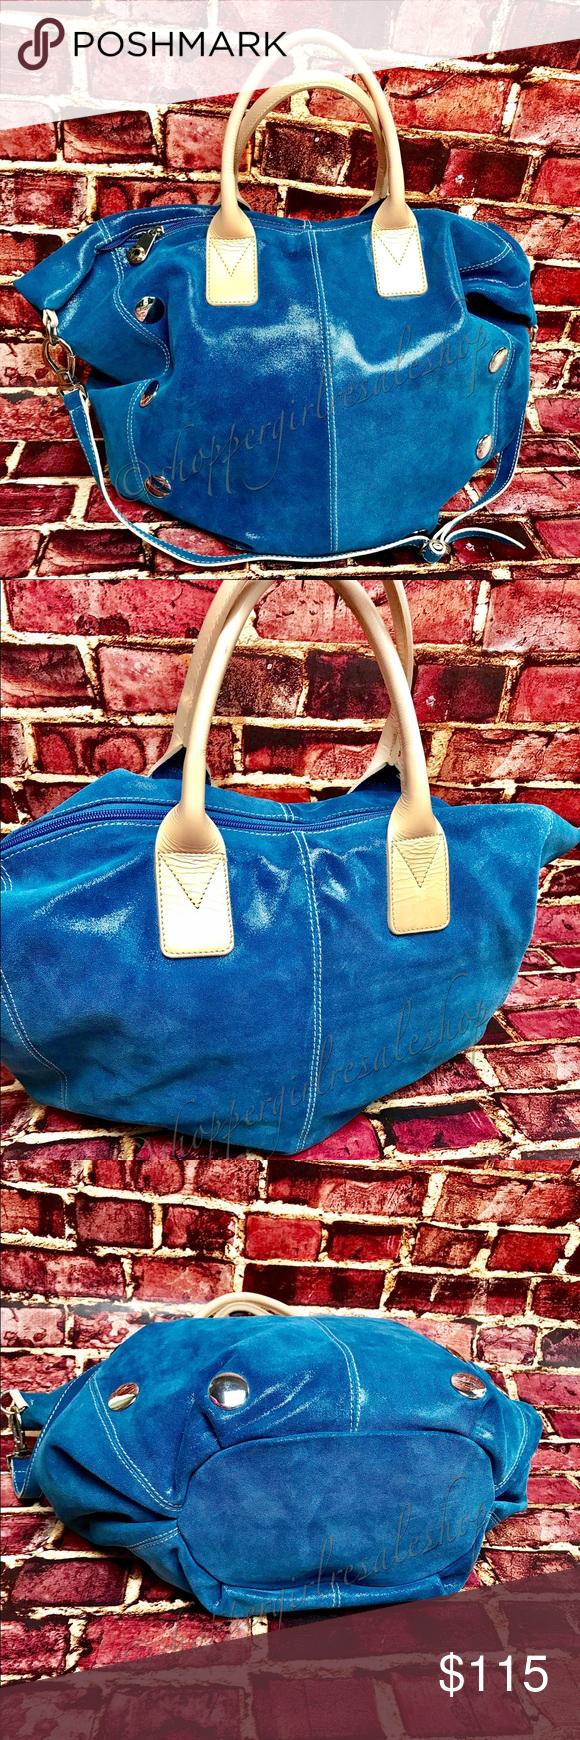 321e816c7a 🎉Blue Italian Leather PULICATI Handbag🎉 💯Authentic ✨LIKE NEW✨ Gorgeous  Blue PULICATI ‼